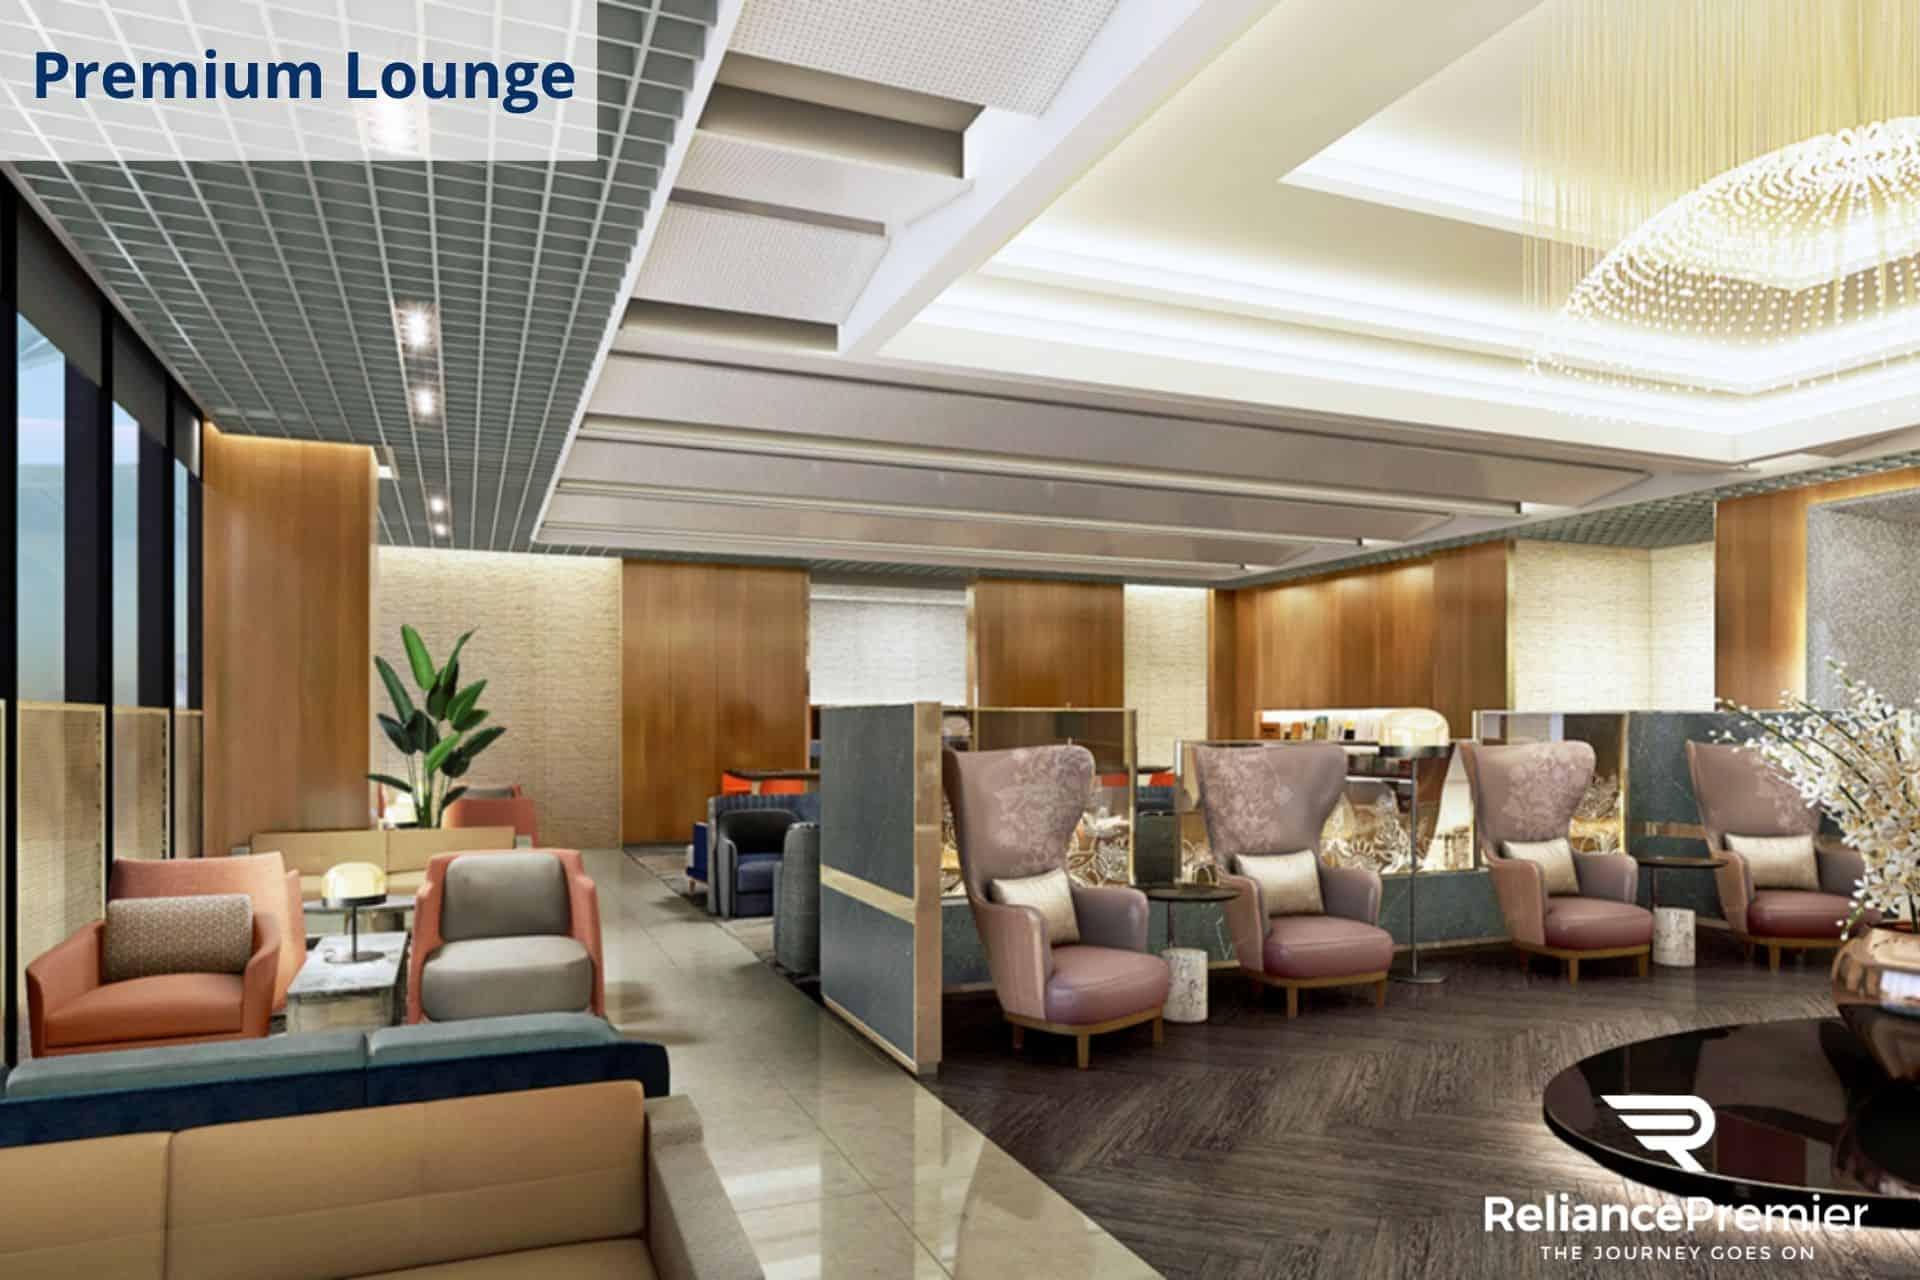 Singapore Airlines Premium Lounge 2